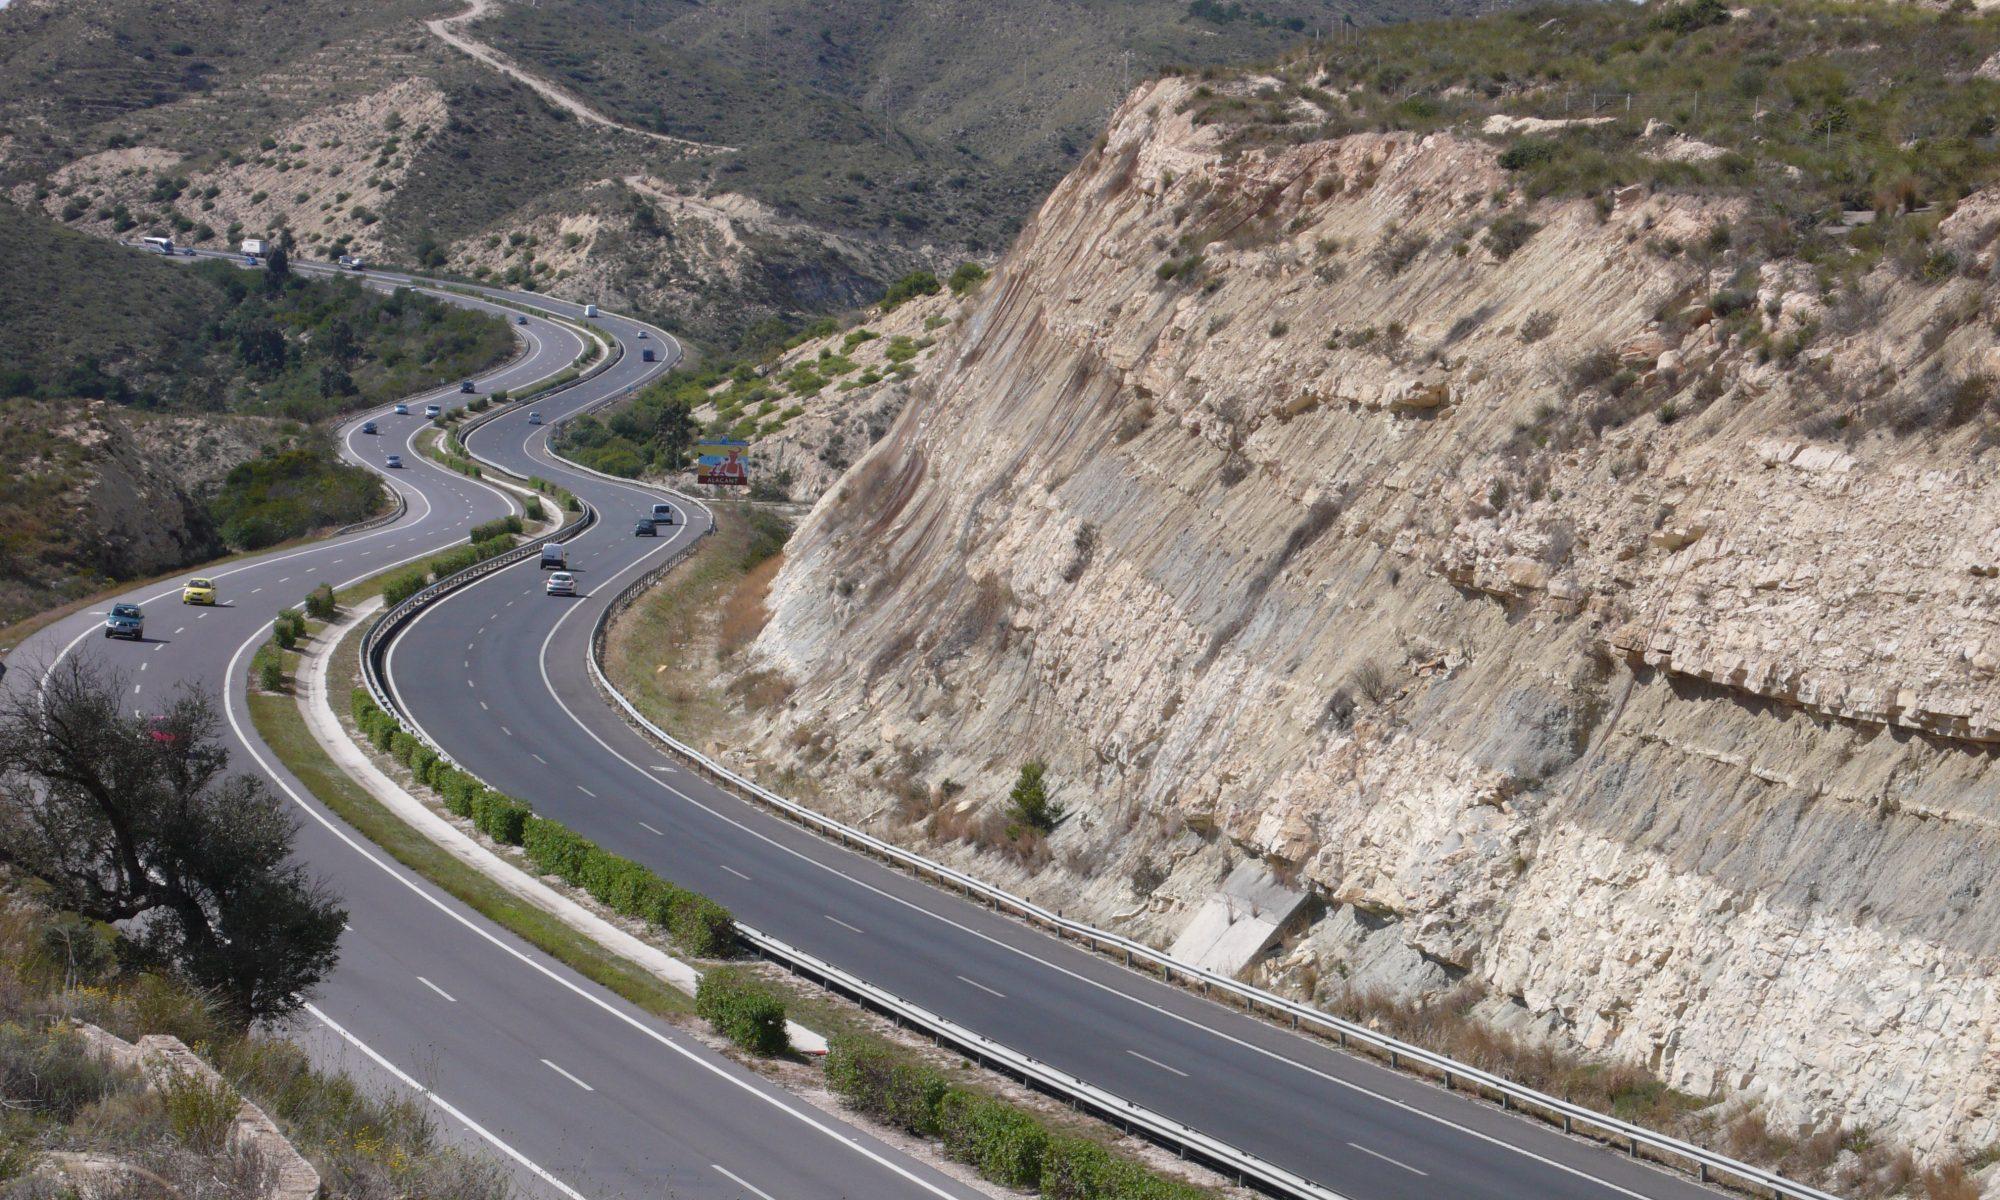 Máster Universitario de Ingeniería Geológica de la Universidad de Alicante (España)